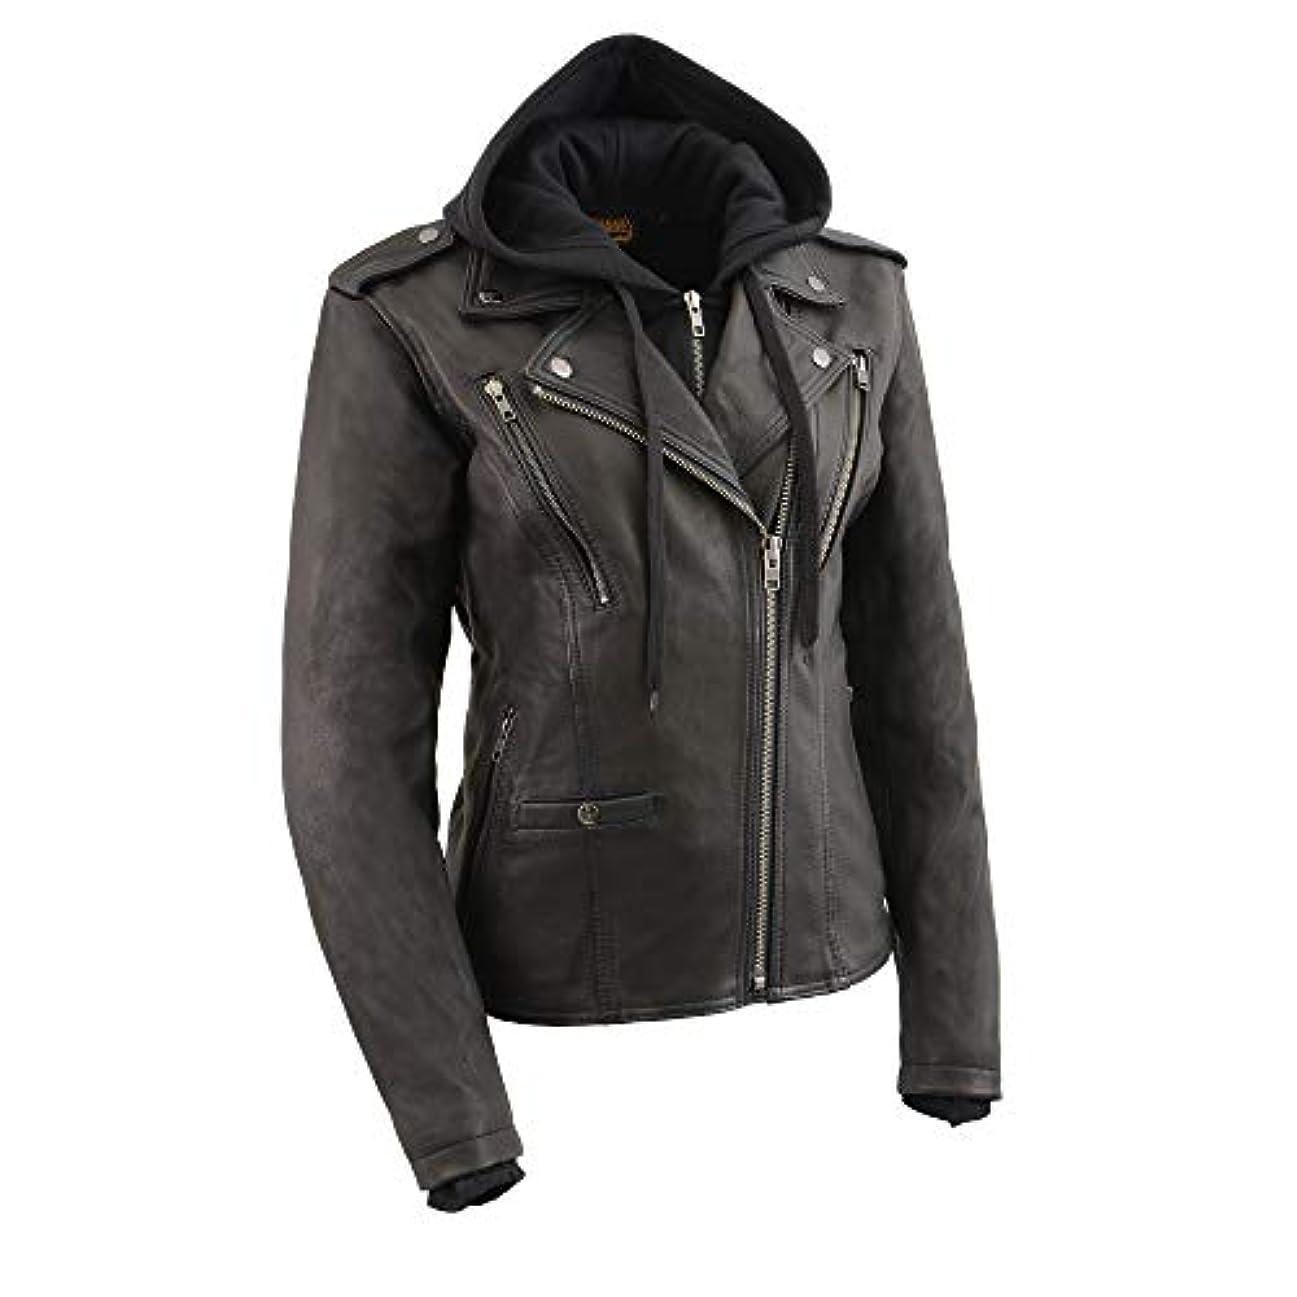 高く空白観点Milwaukee Leather レディース M/C ジャケット Mll2575 フルスリーブ内部パーカー S ブラック MLL2575